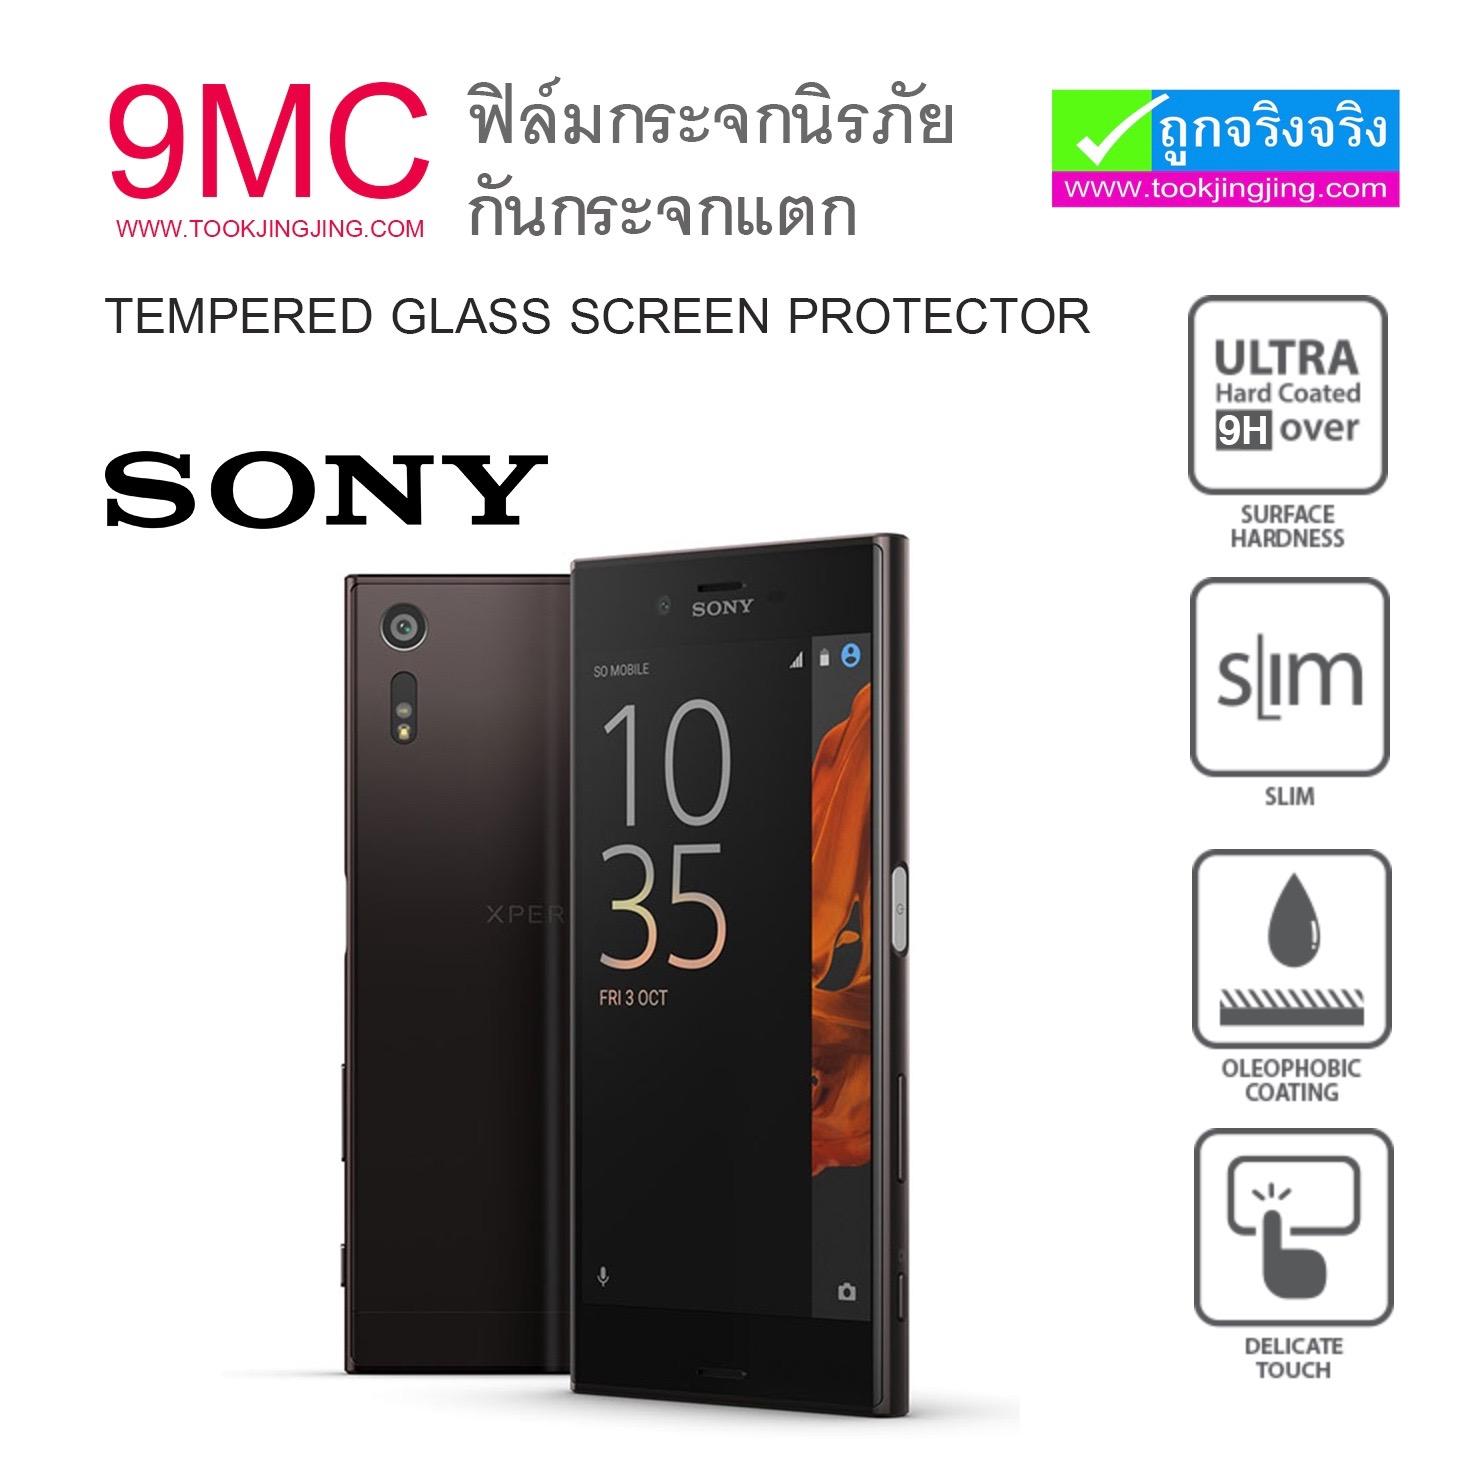 ฟิล์มกระจก SONY 9MC ความแข็ง 9H ราคา 49 บาท ปกติ 160 บาท